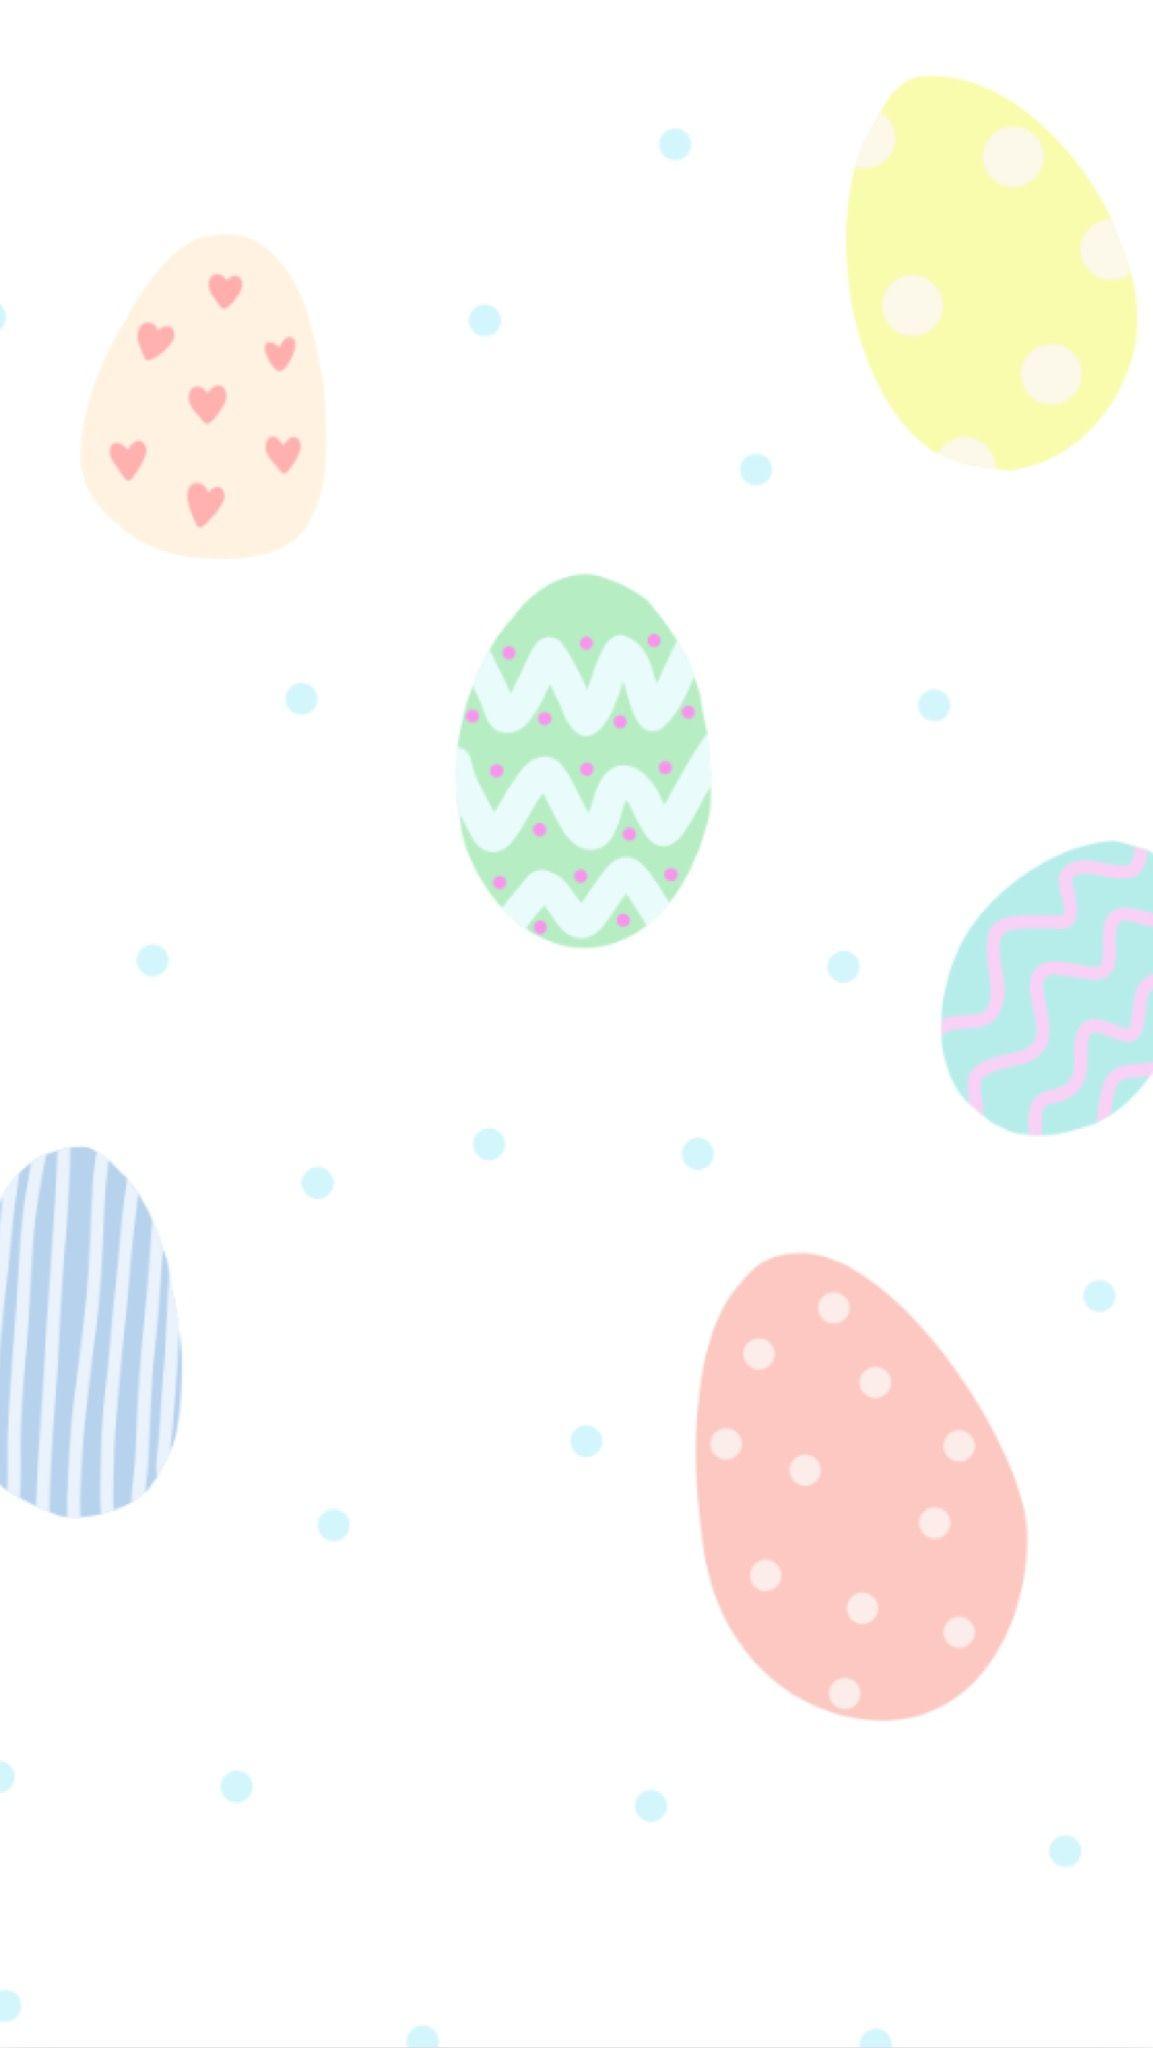 Free Phone Wallpaper April Easter Eggs Albert And Me Easter Wallpaper Easter Backgrounds Free Phone Wallpaper